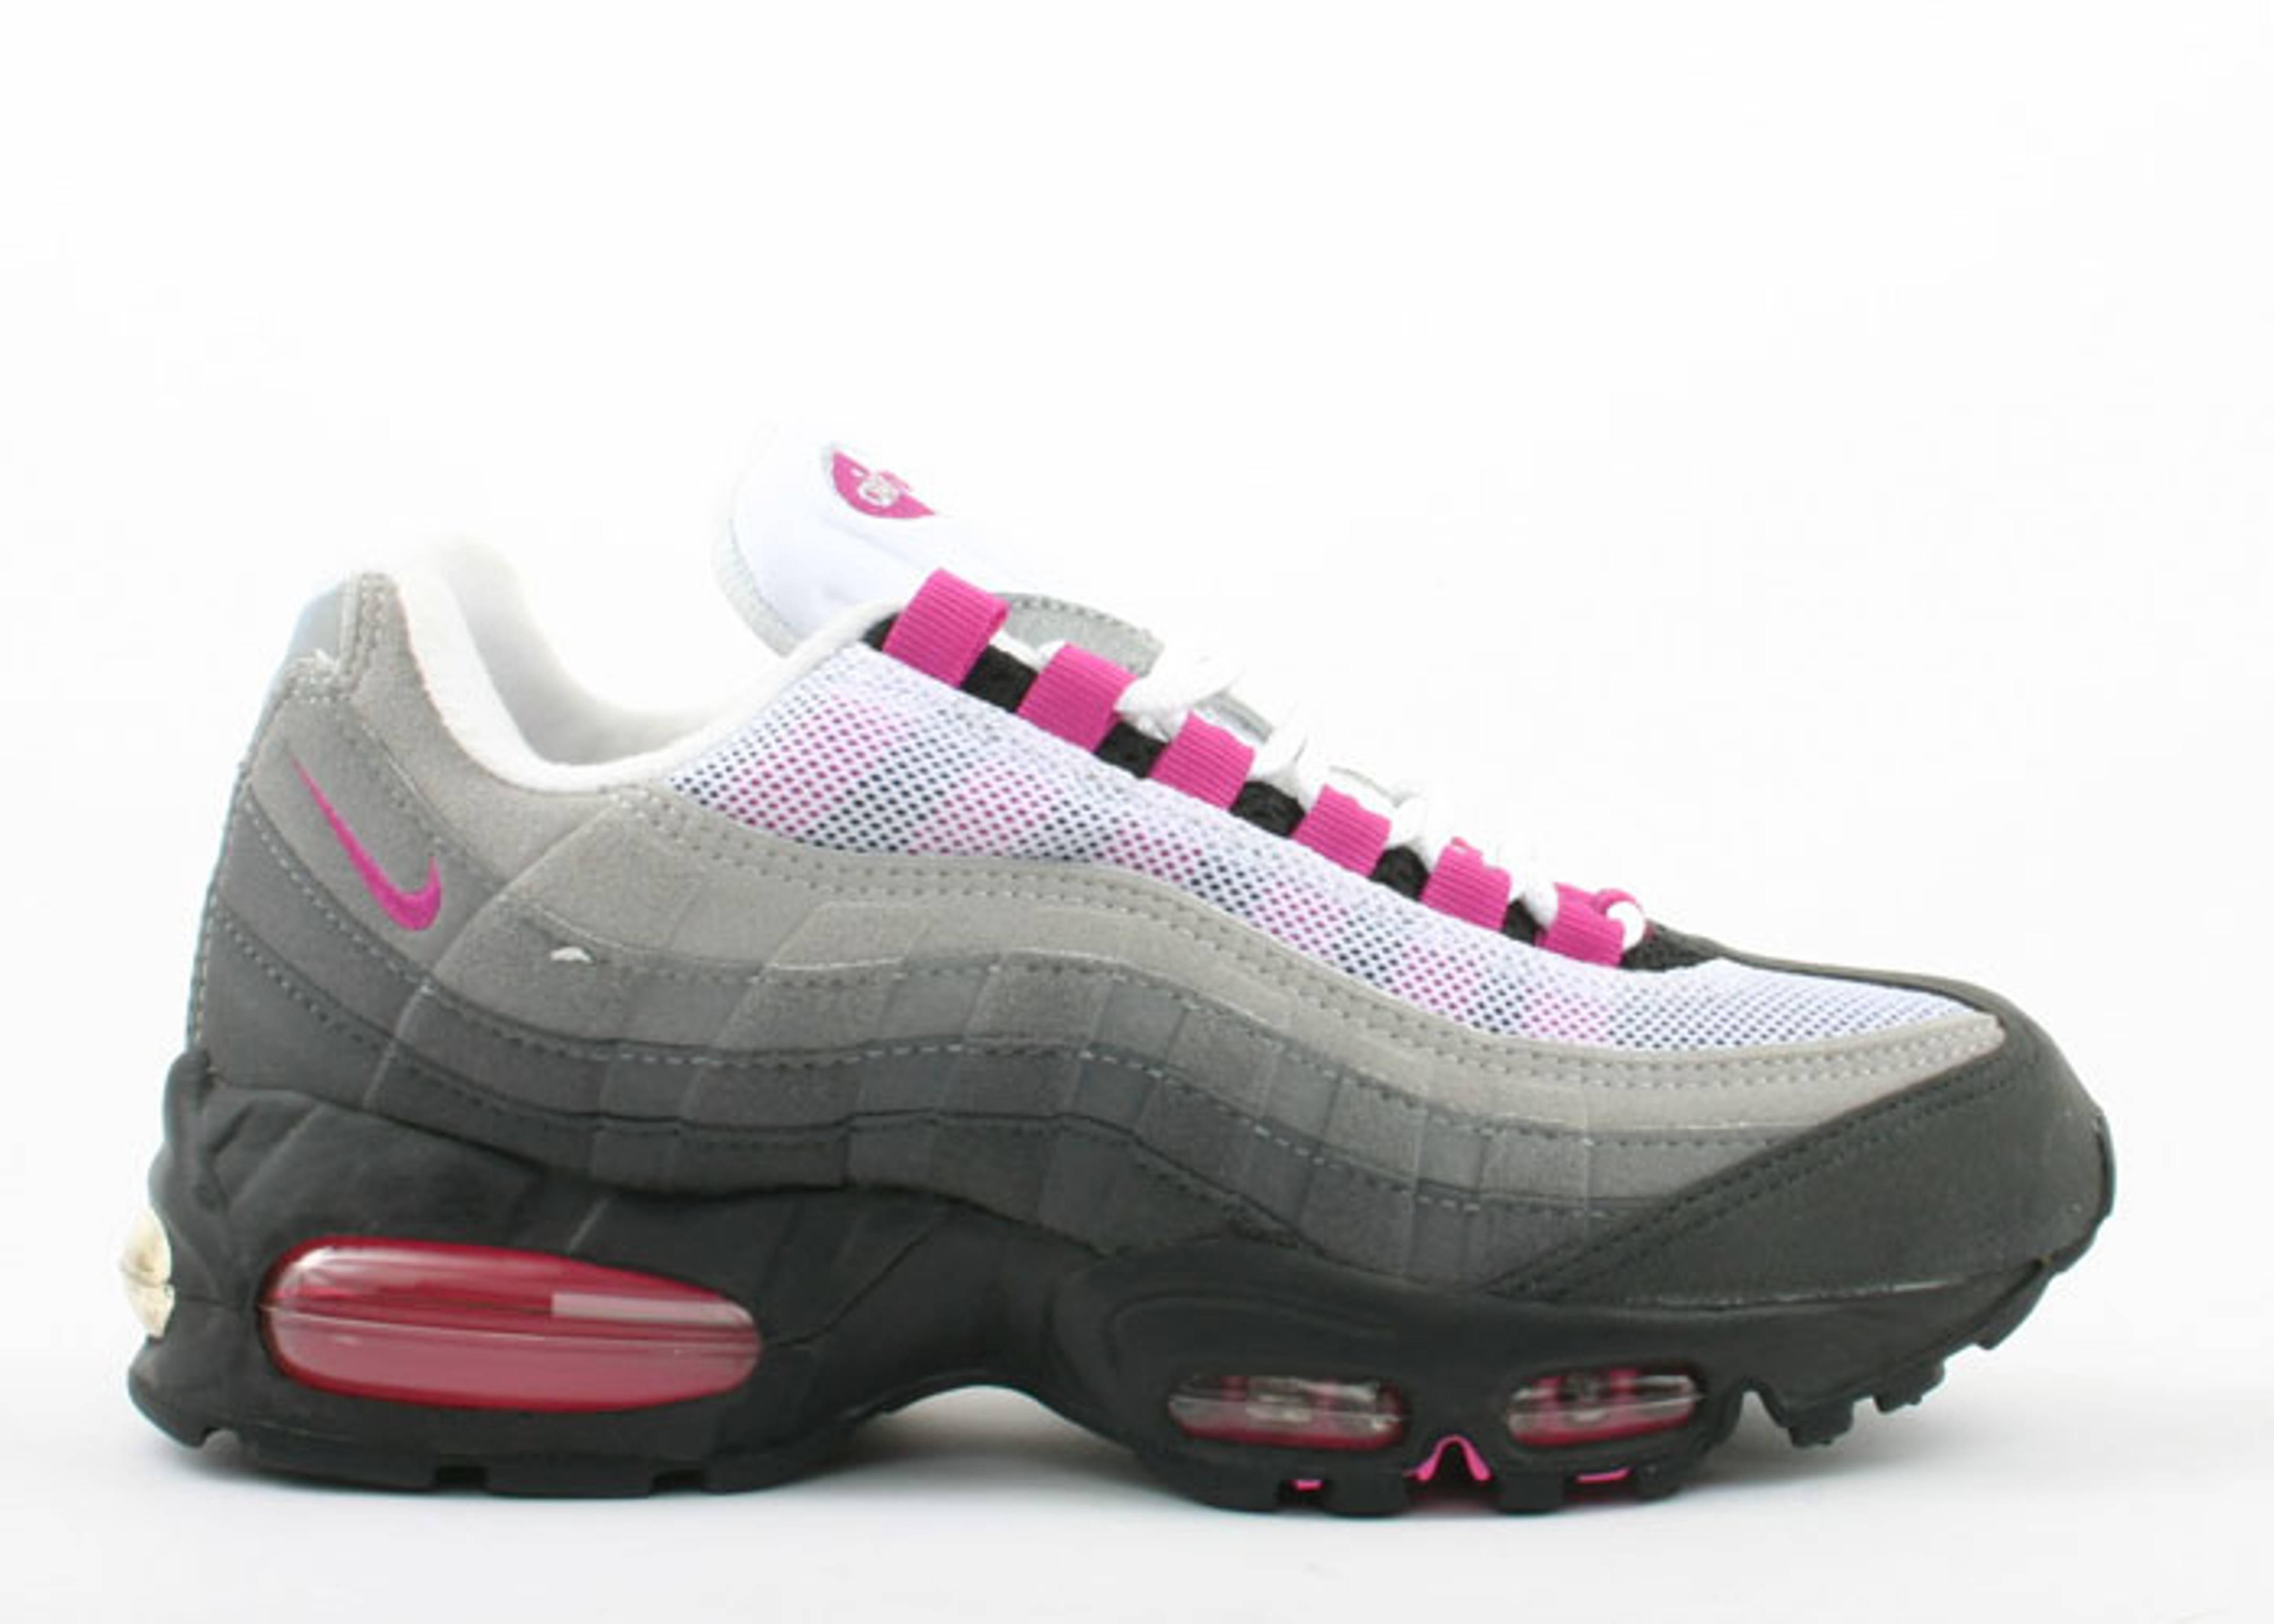 Wmns Air Max 95 Sc Nike 605097 061 Black Fire Pink Flight Club